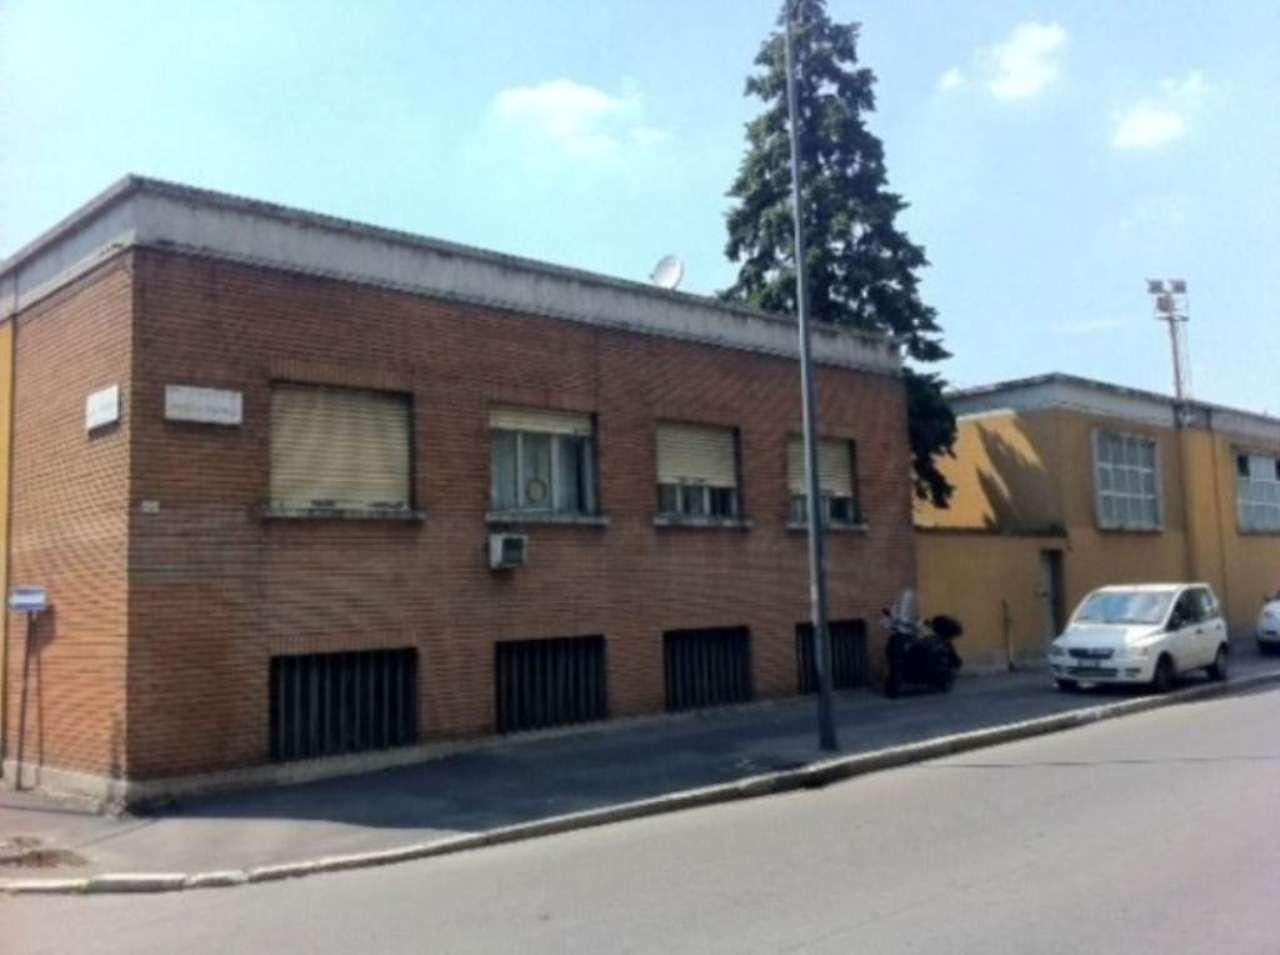 Terreno Edificabile Residenziale in vendita a Milano, 9999 locali, zona Zona: 3 . Bicocca, Greco, Monza, Palmanova, Padova, prezzo € 1.000.000 | Cambio Casa.it